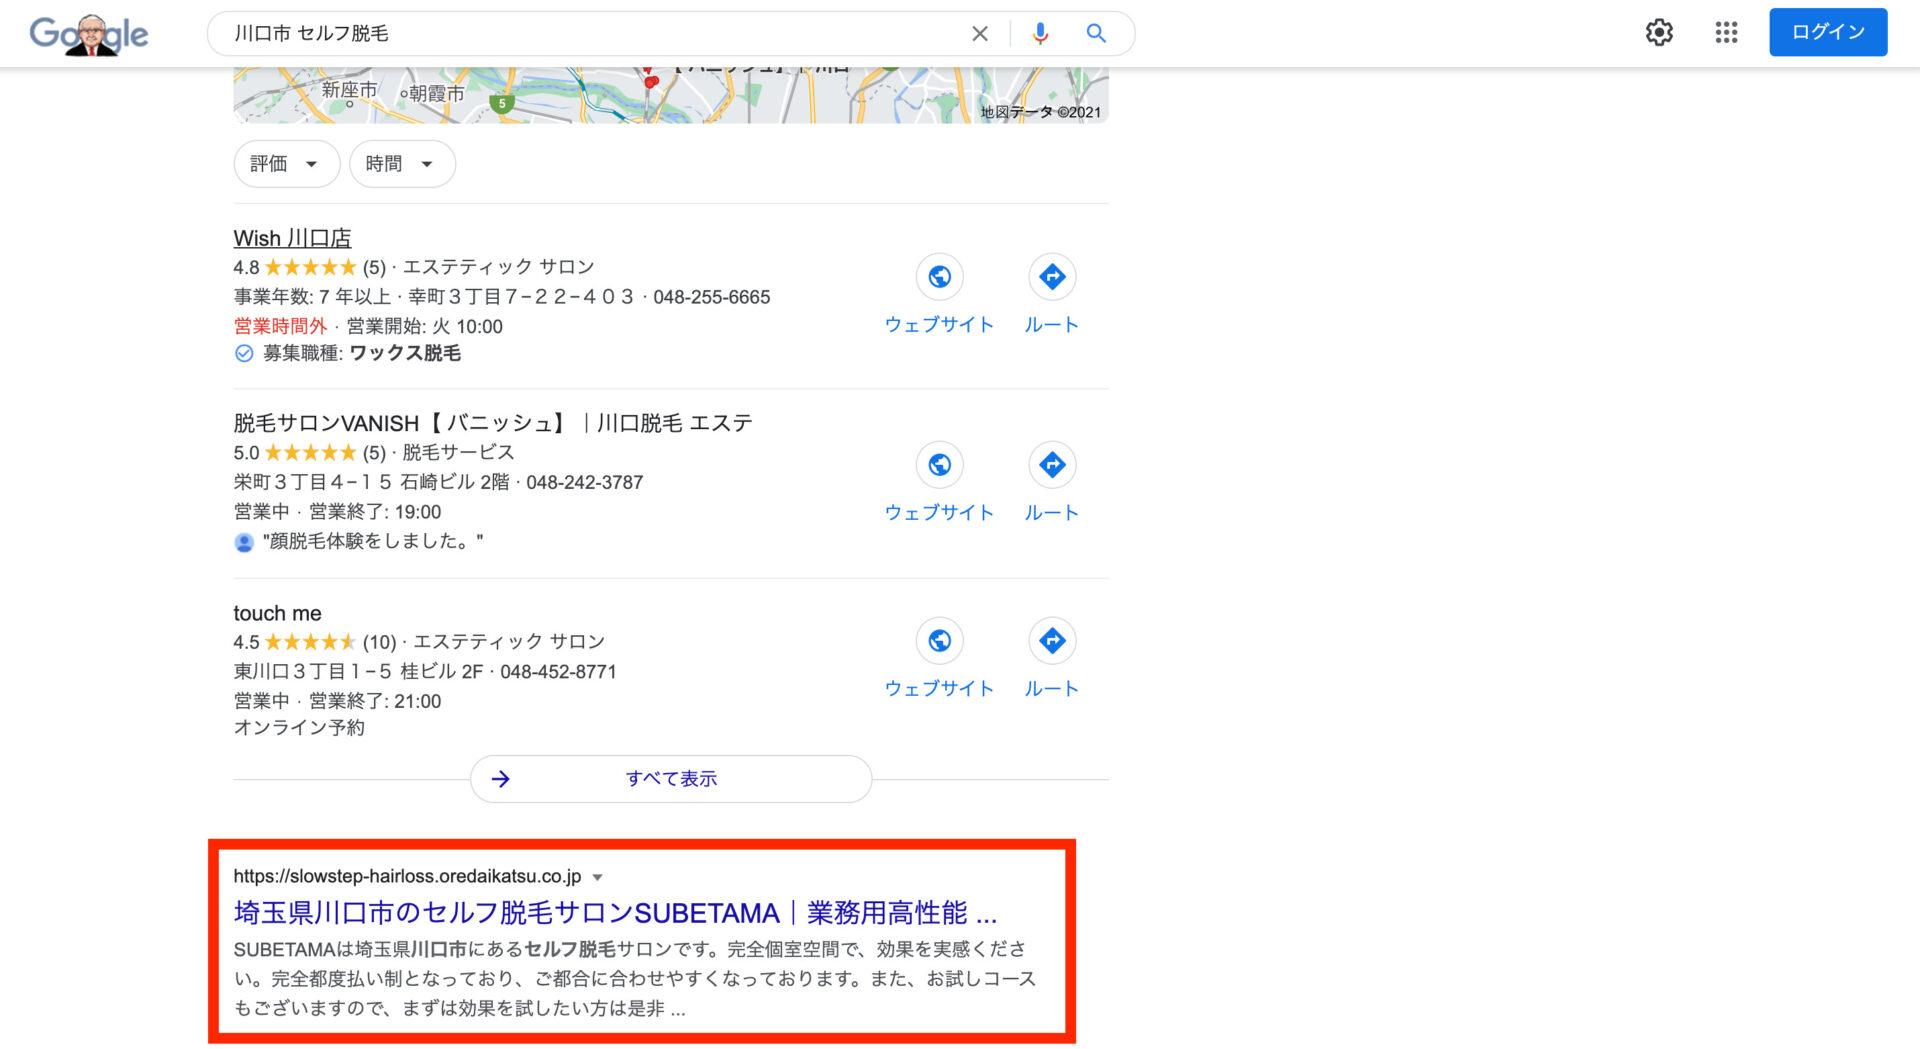 SEO検索結果